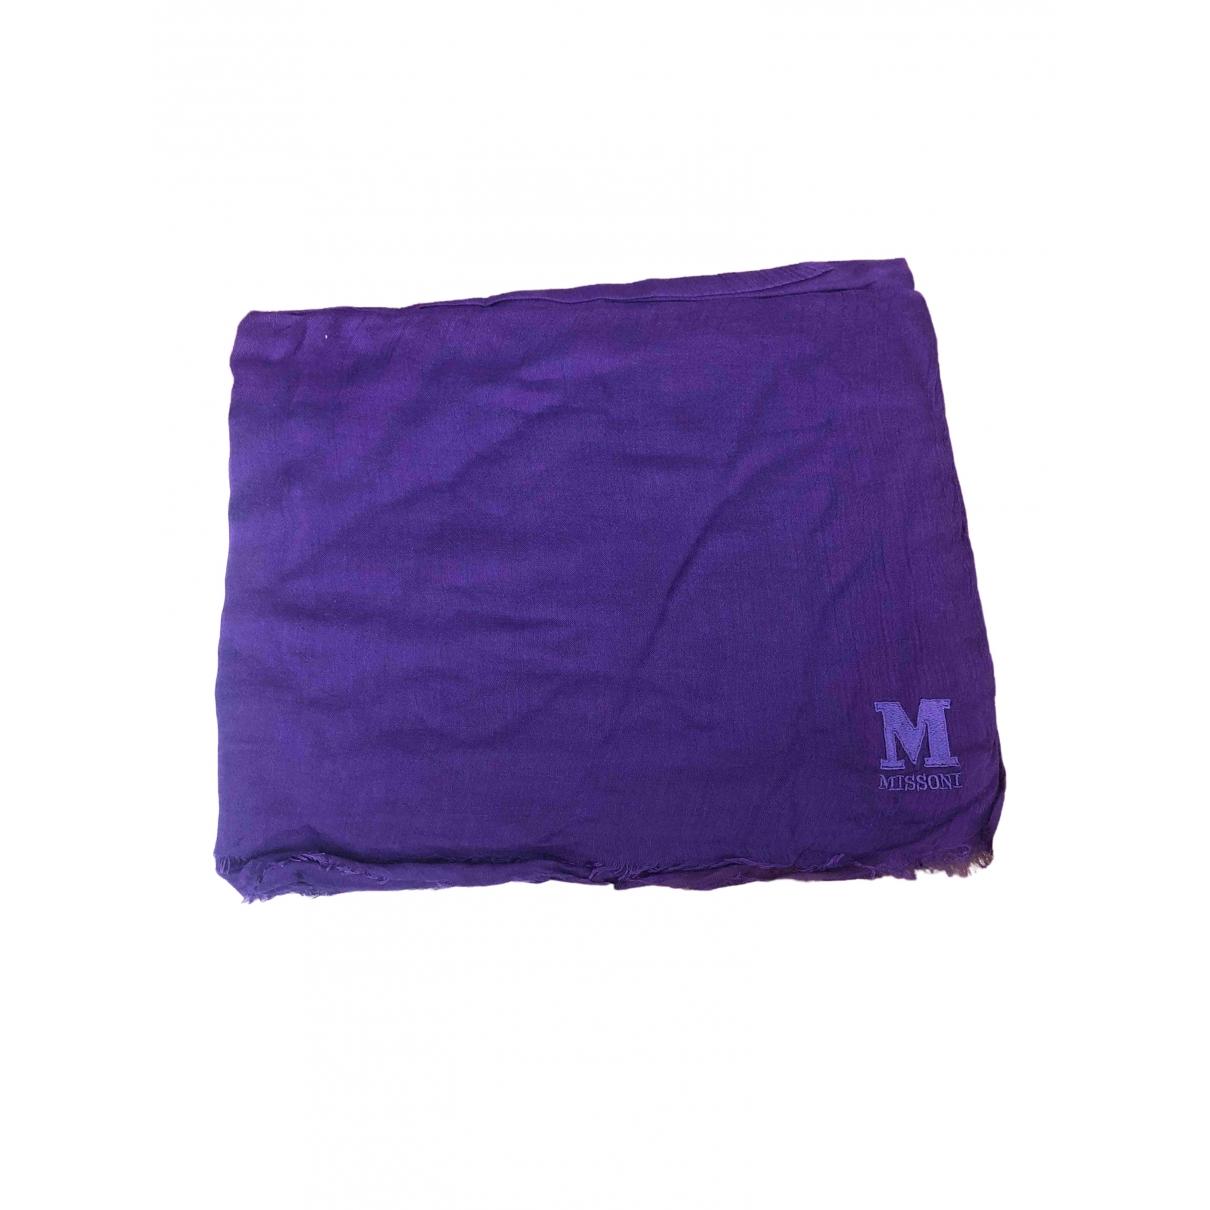 M Missoni - Foulard   pour femme en coton - violet